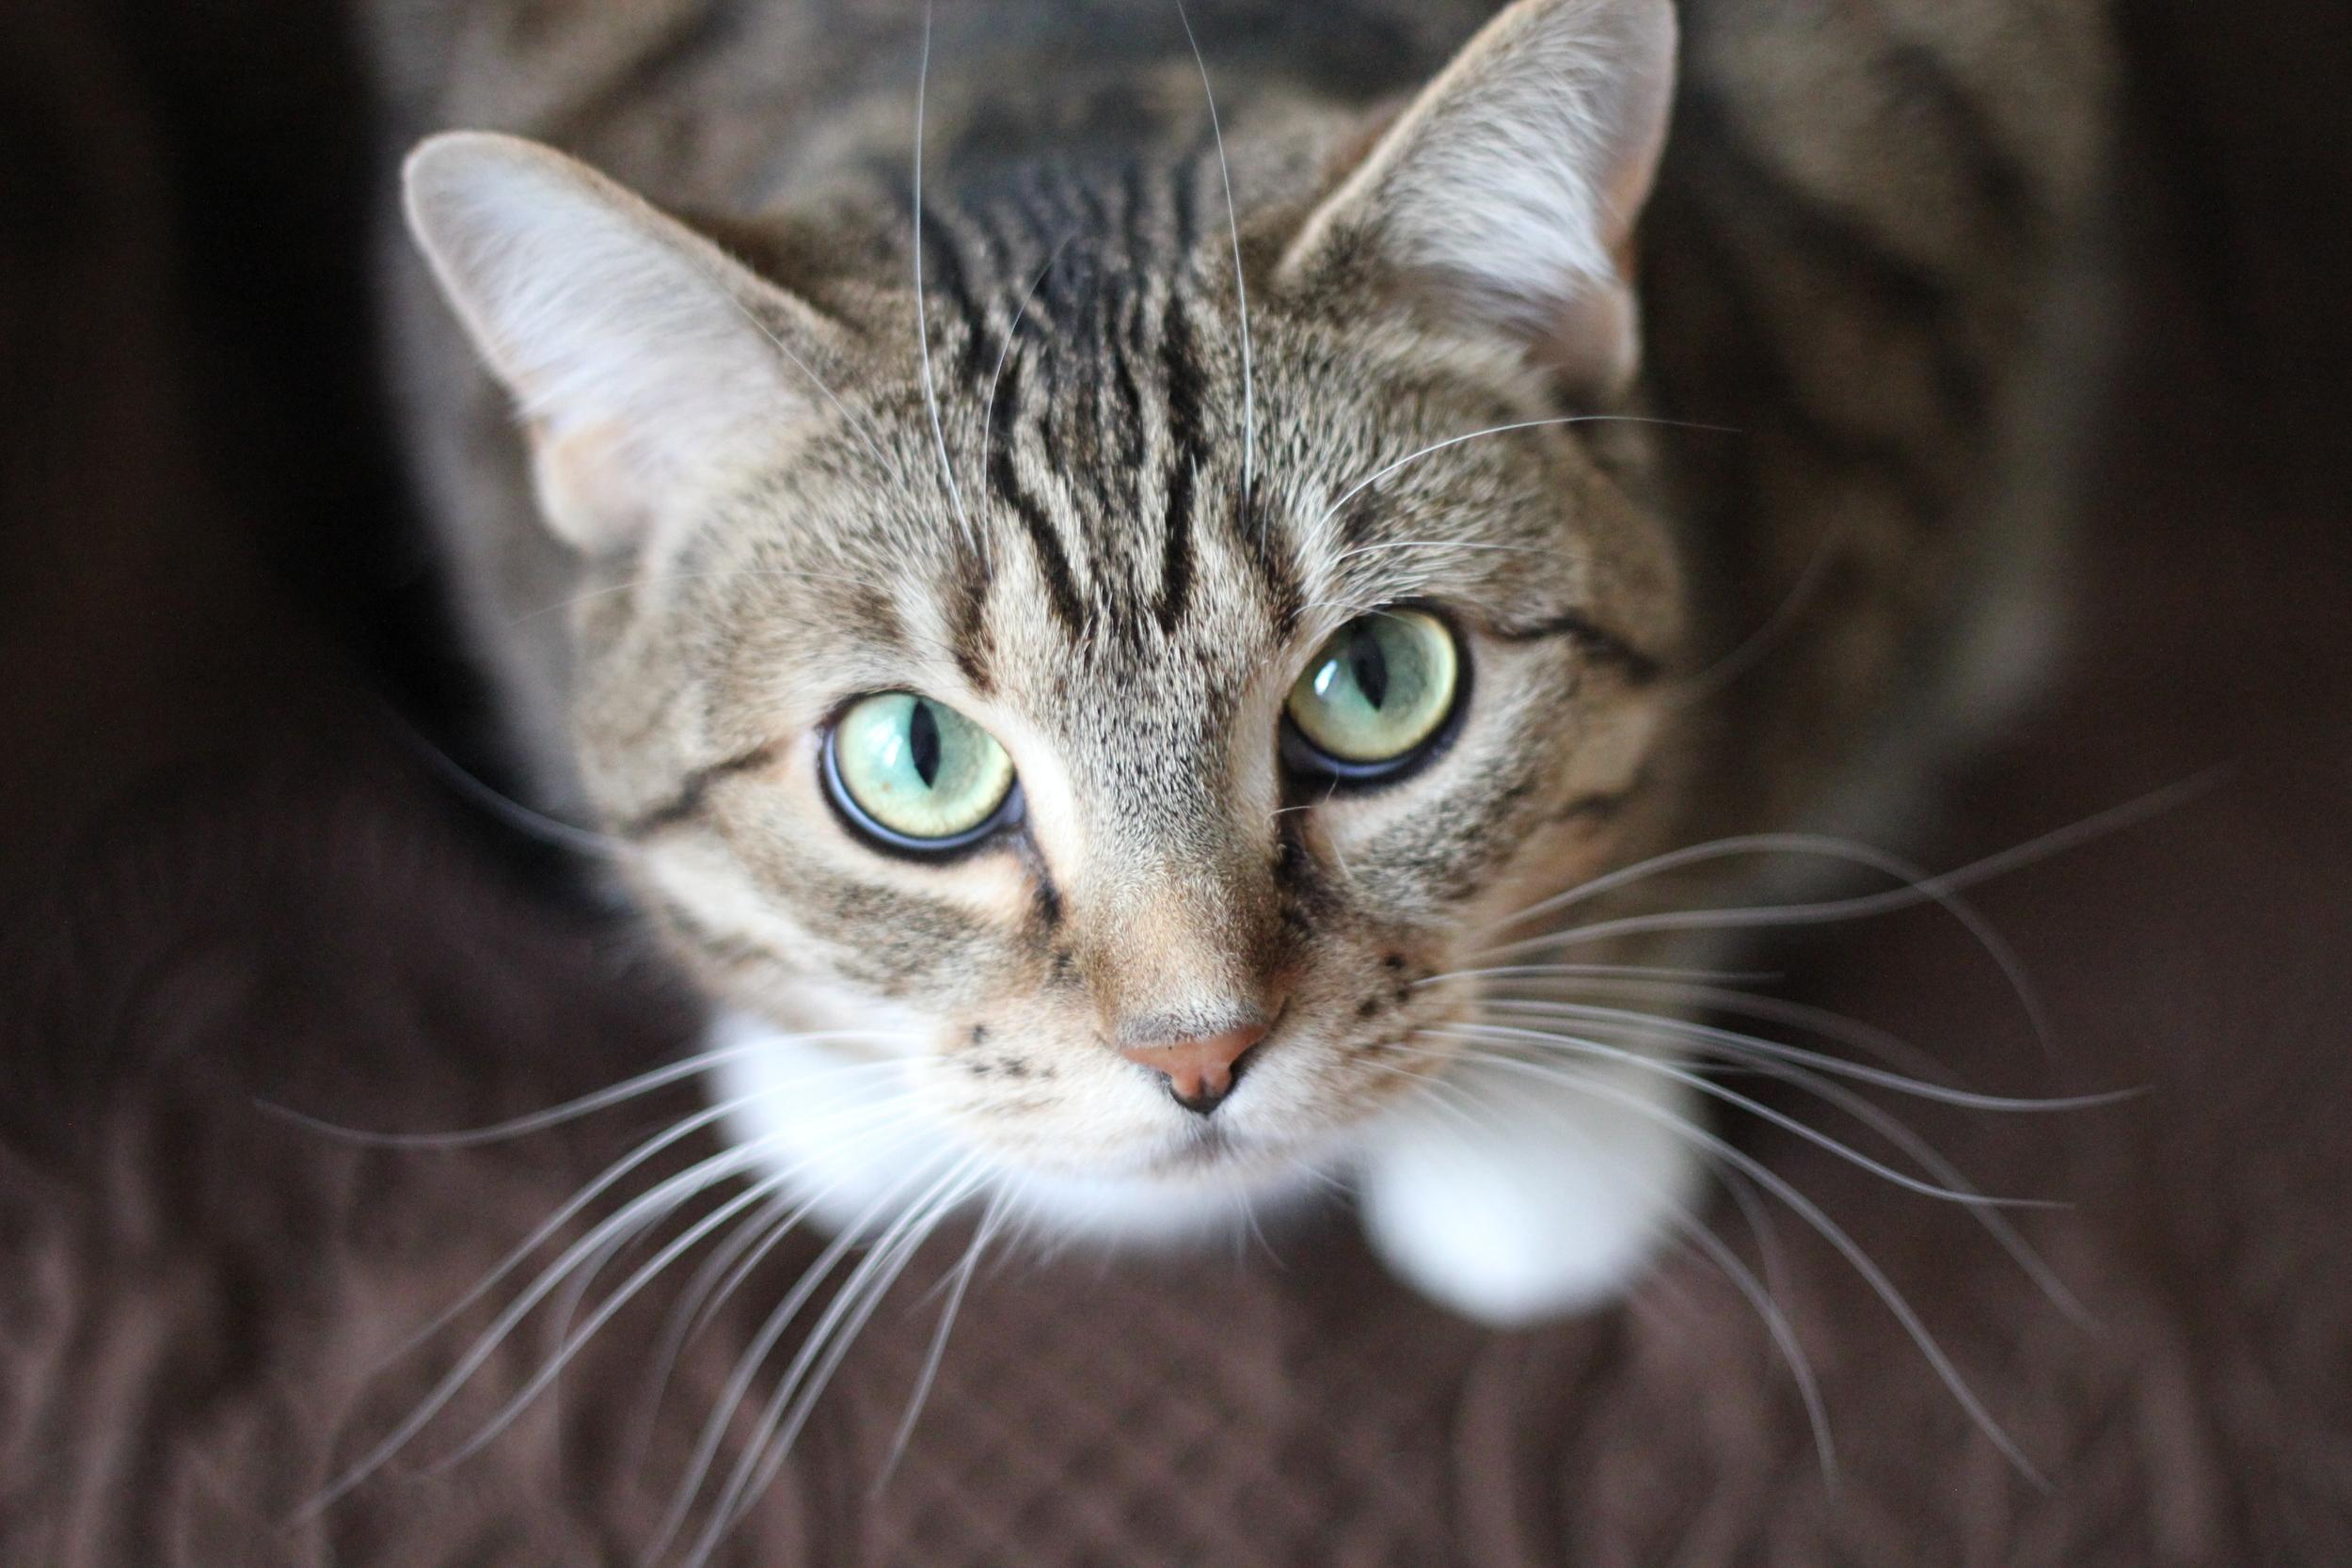 Kitties need their whiskers!